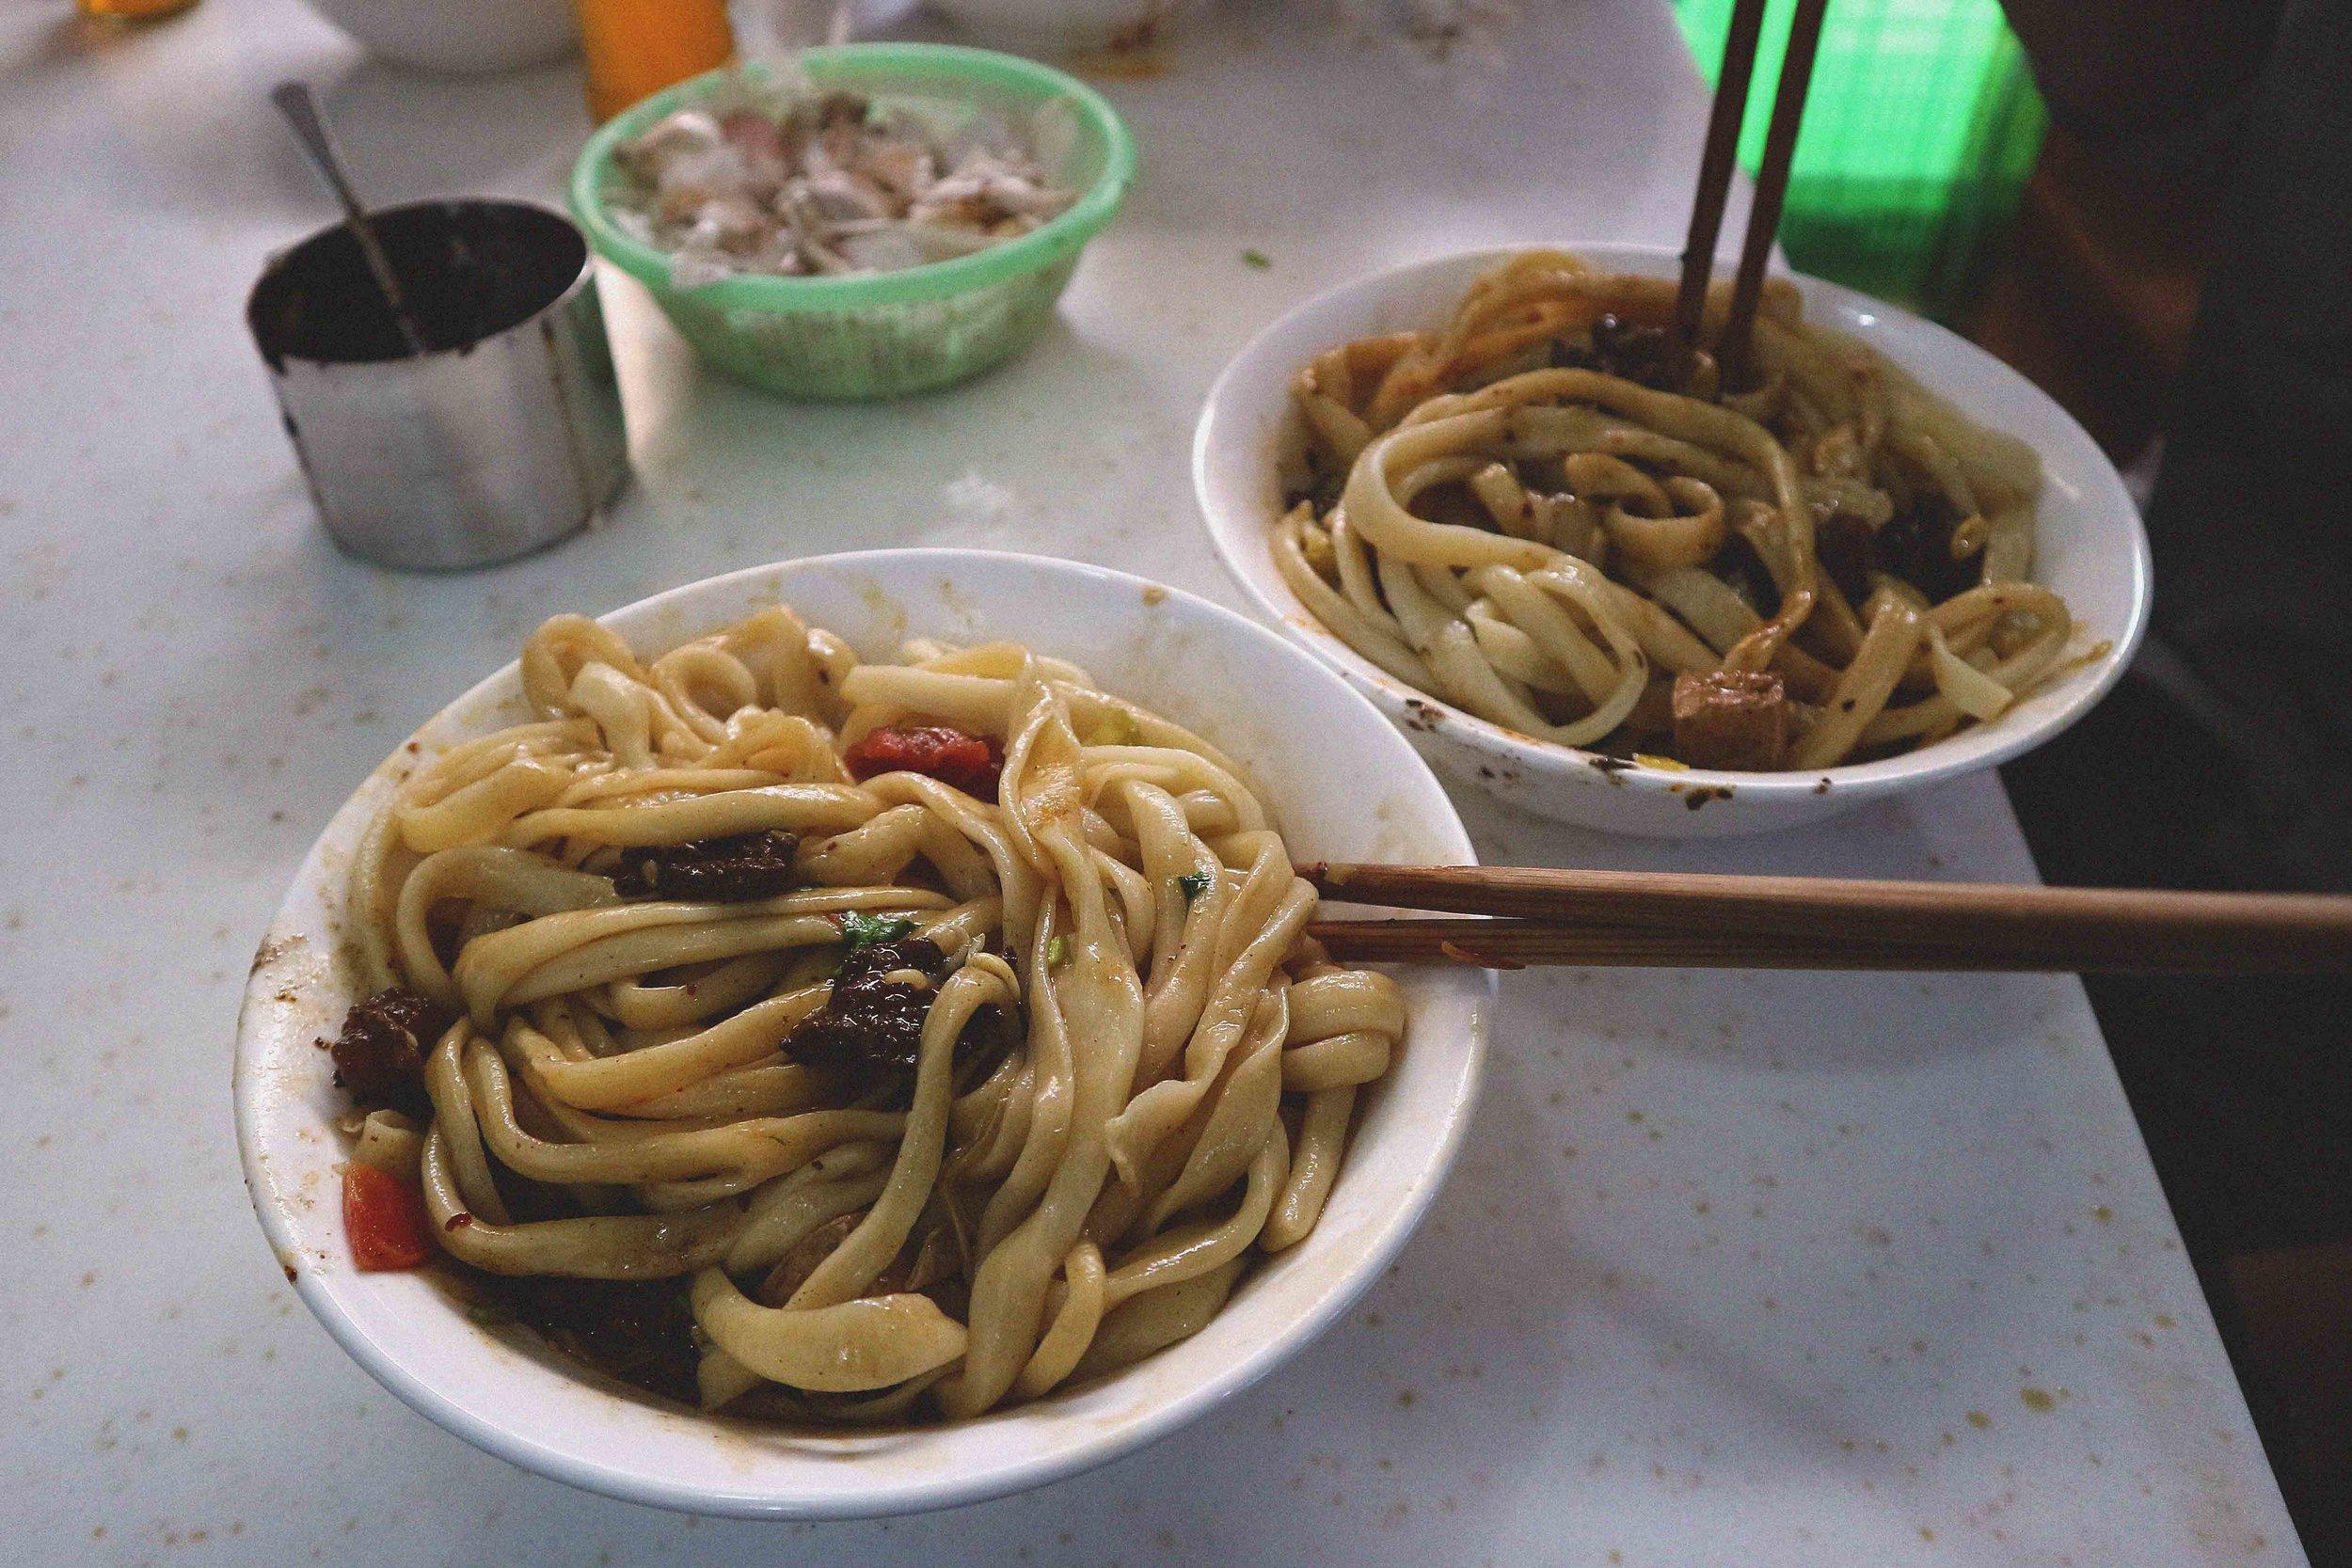 Those zingy noodles!